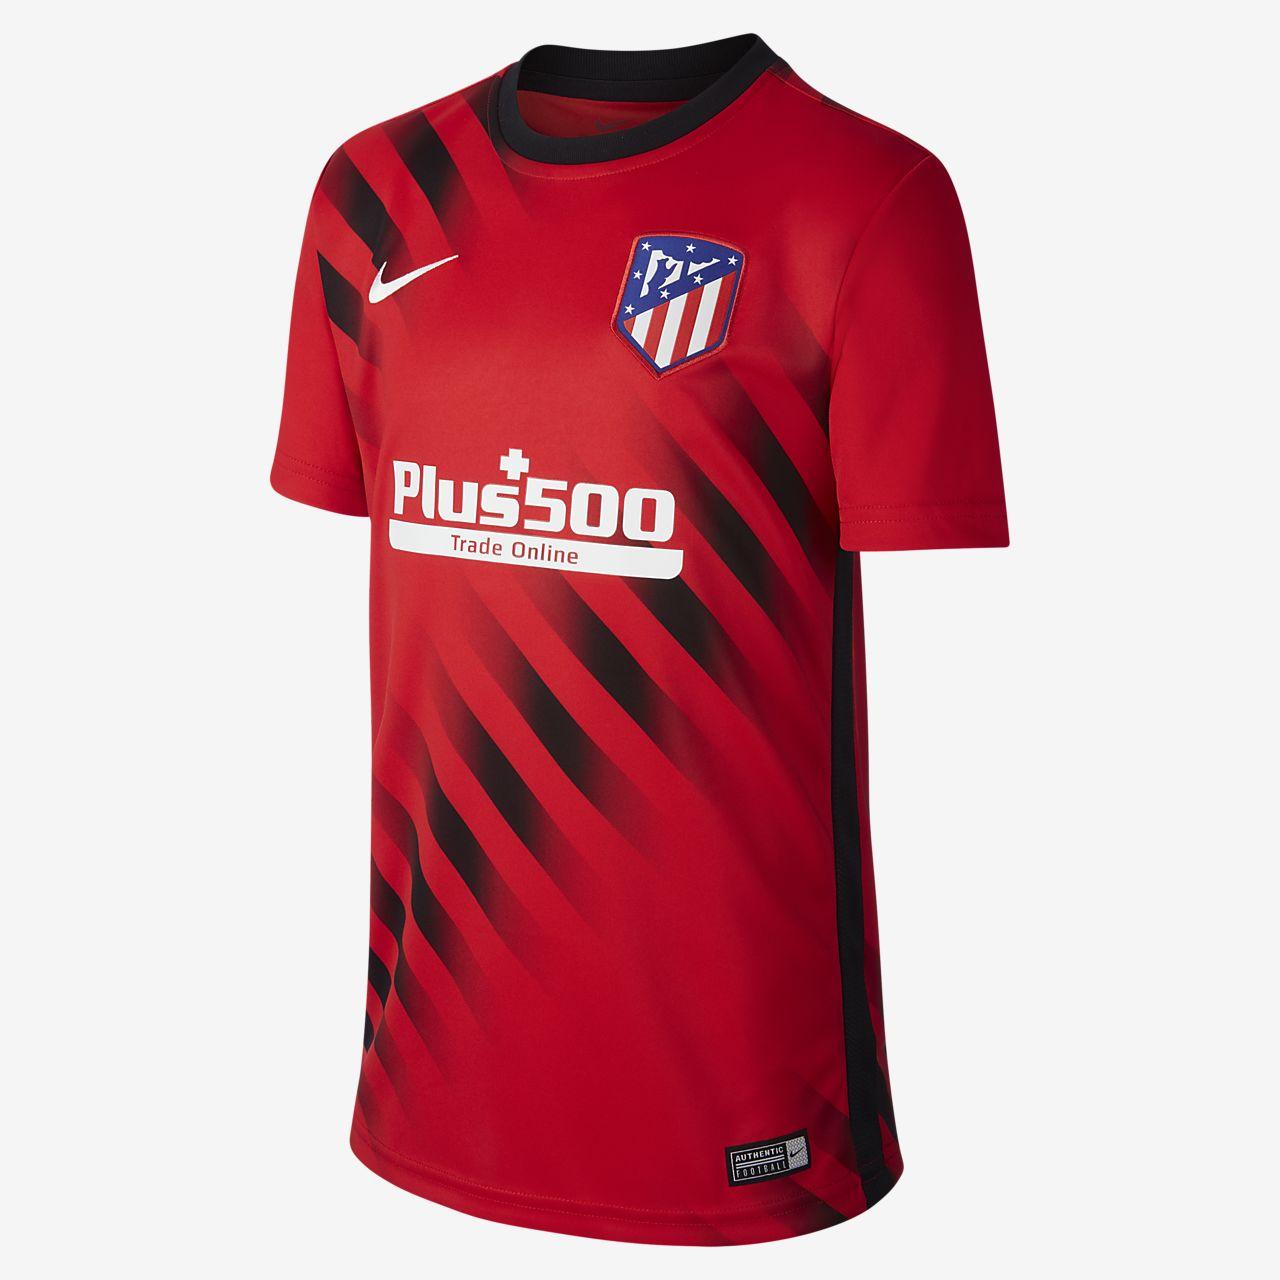 Prenda para la parte superior de fútbol de manga corta para niños talla grande Atlético de Madrid